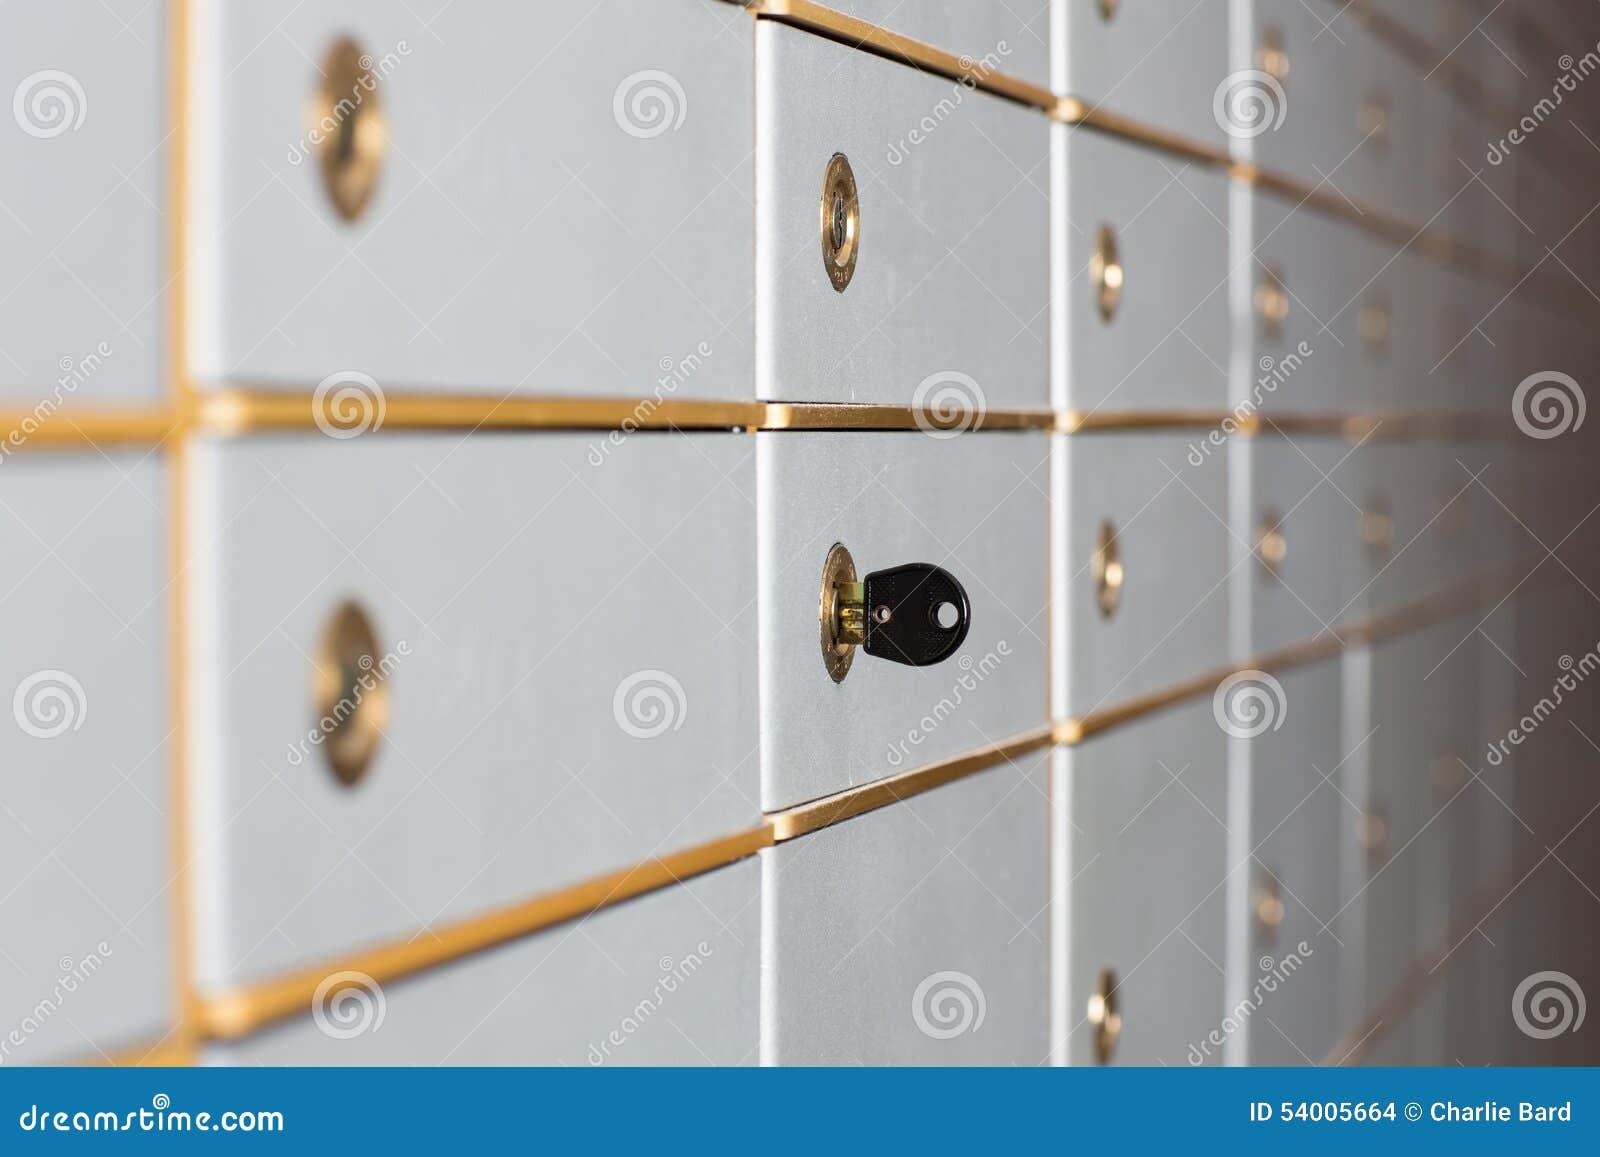 File delle cassette di sicurezza o degli armadi di sicurezza